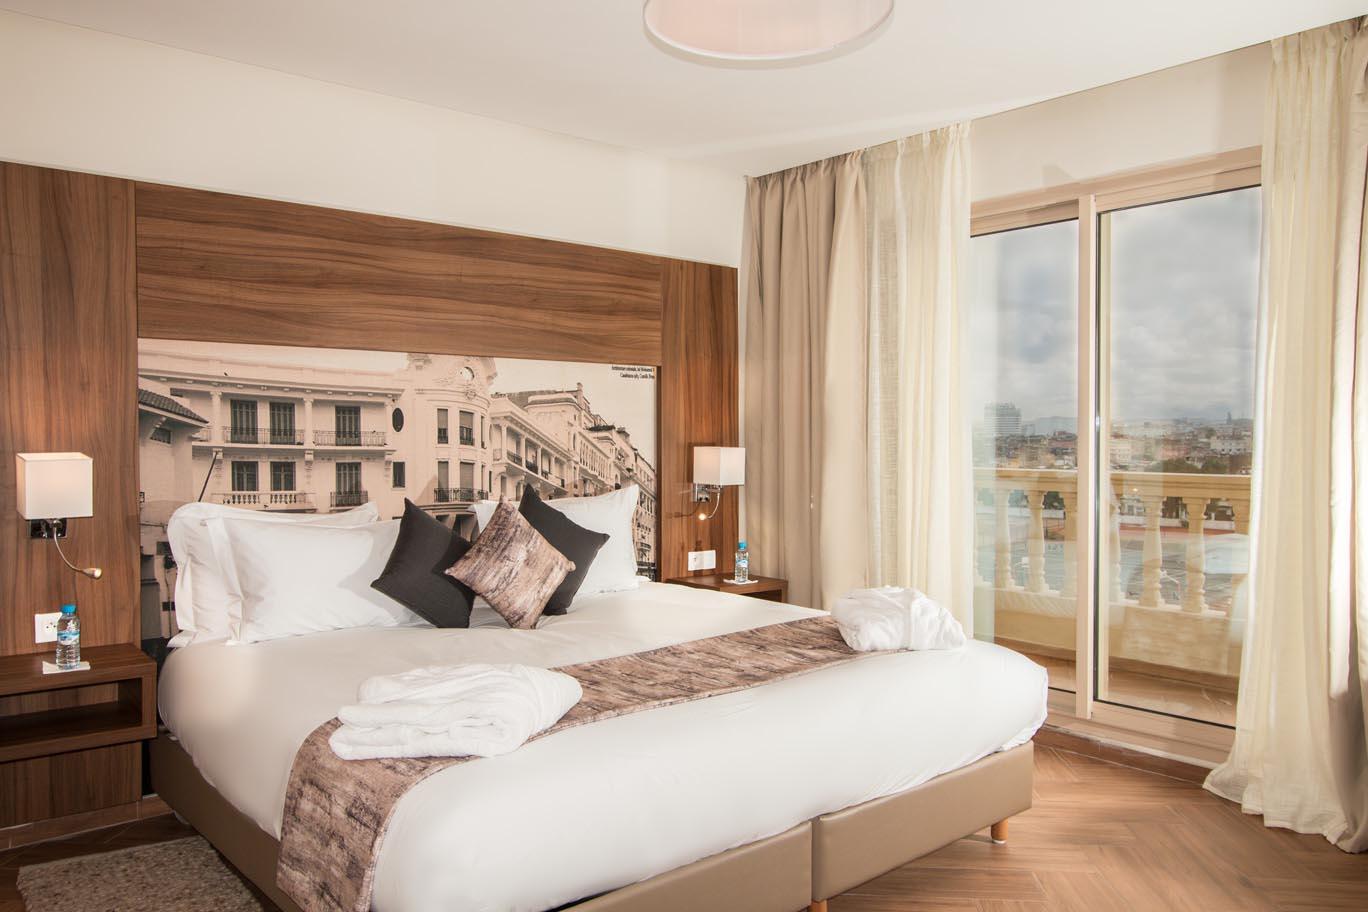 studio melliber appart hotel casablanca